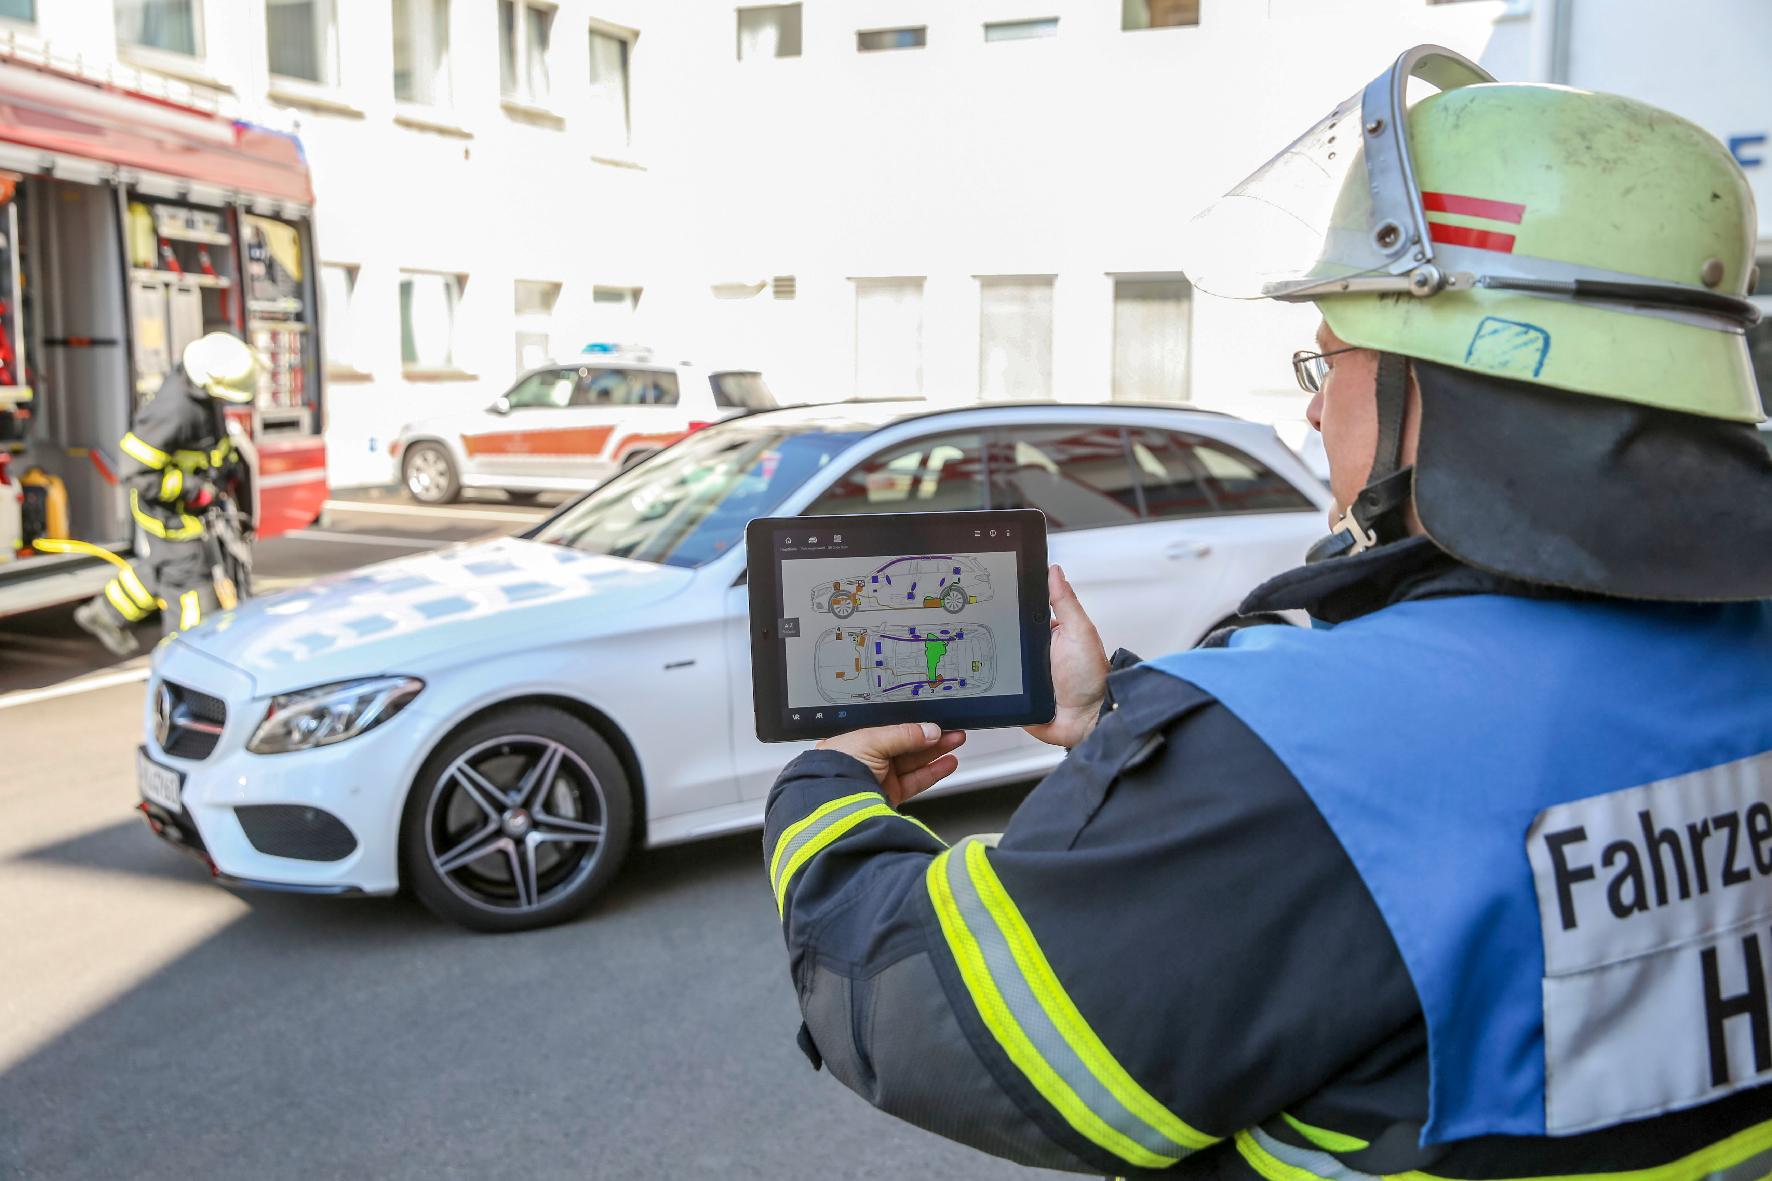 mid Groß-Gerau - Hilfestellung für Rettungskräfte: Mit der Rescue Assist App können Ersthelfer schnell auf die Rettungskarten von Daimler-Fahrzeugen zugreifen, was die Bergung erheblich erleichtert.